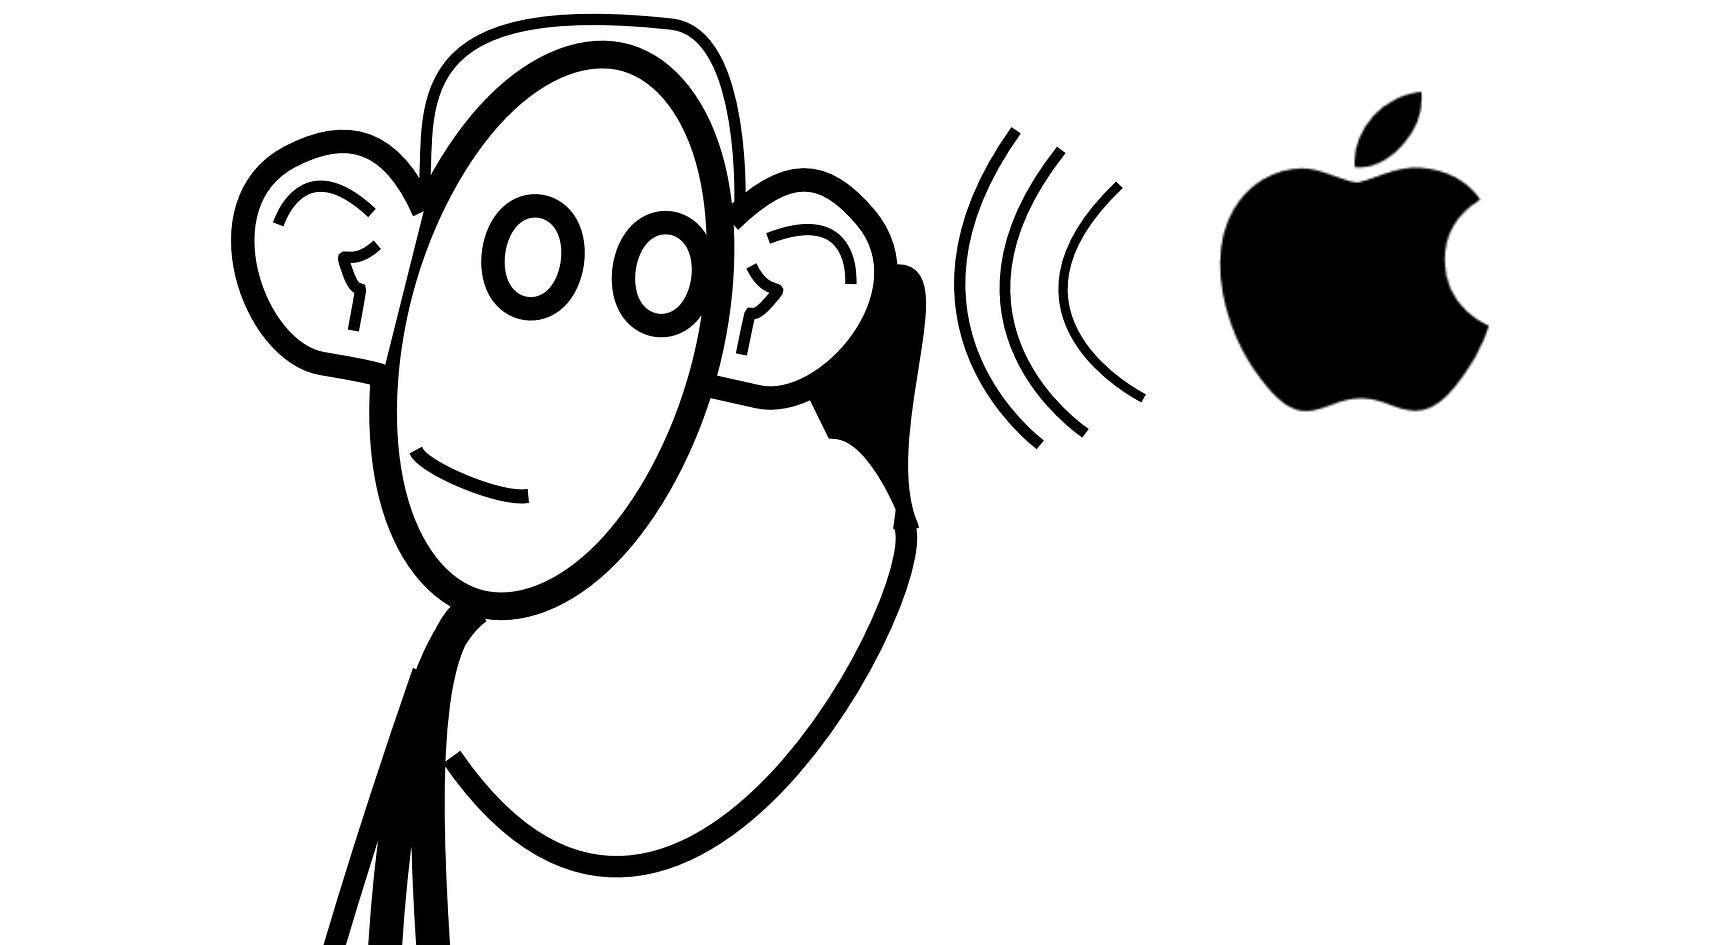 Teraz będzie trudniej podsłuchiwać iPady. Apple wprowadza funkcję sprzętowego odłączania mikrofonu 20